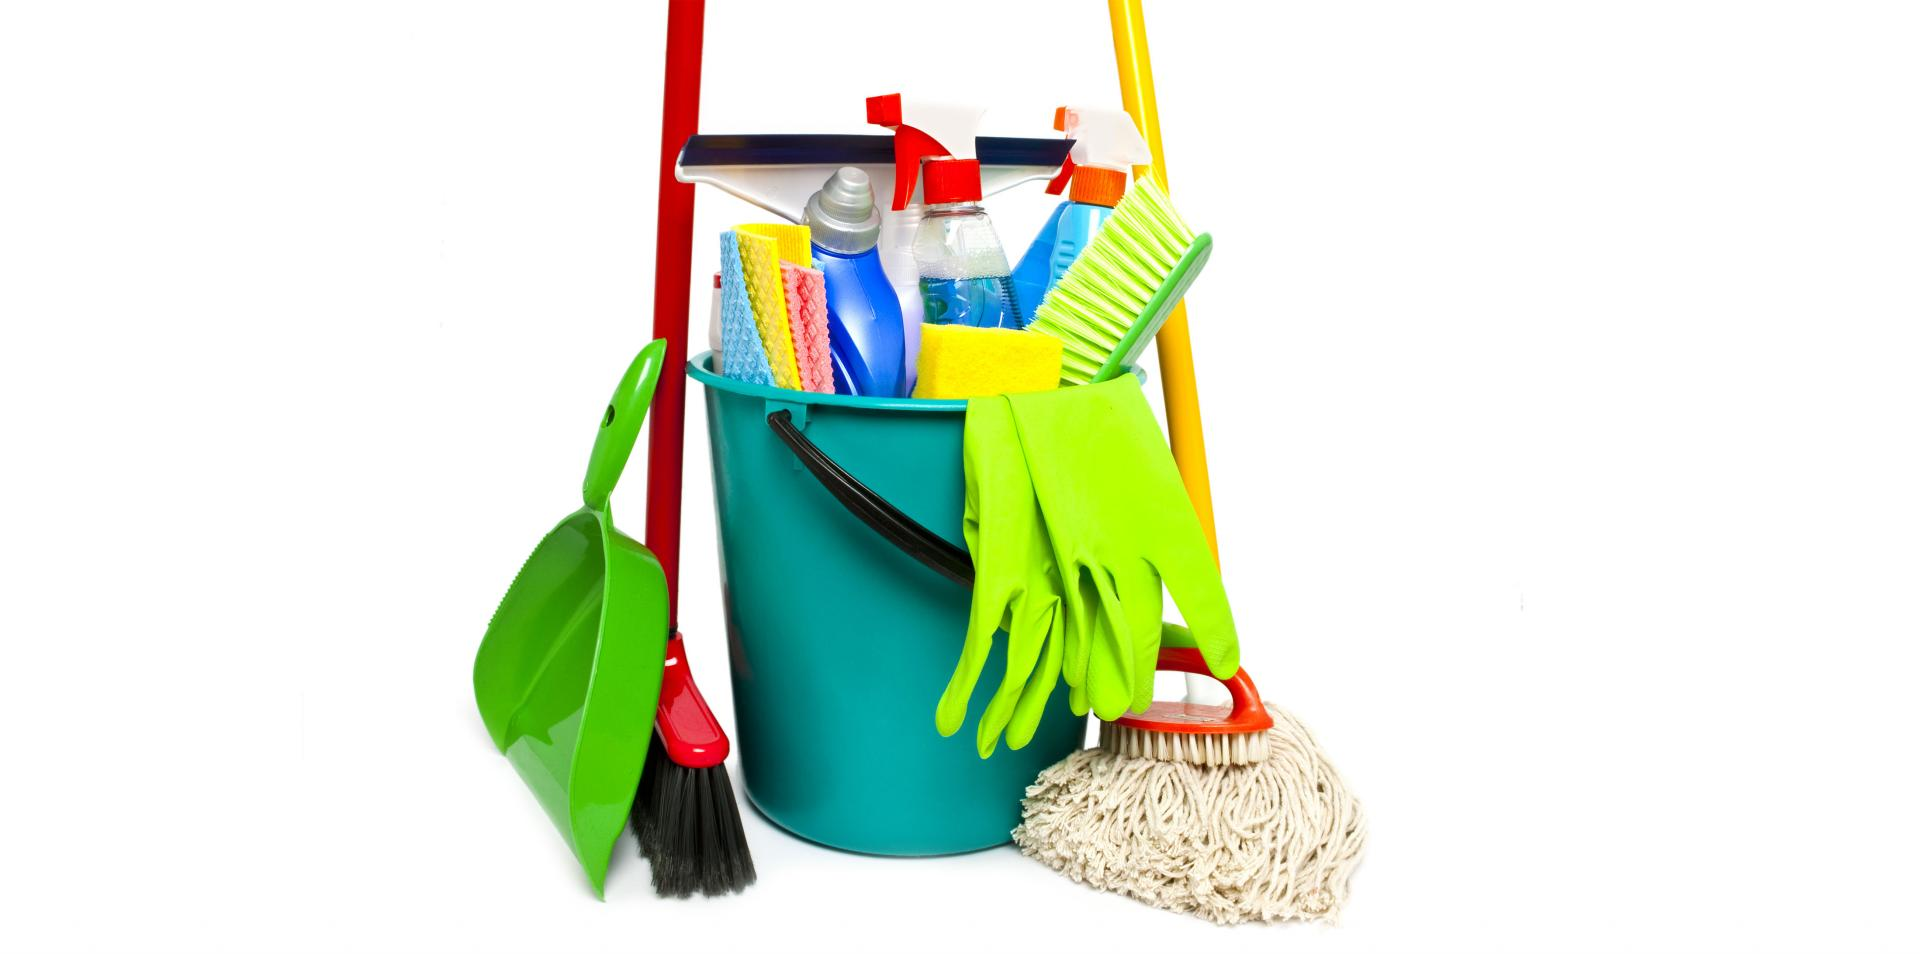 Entreprise de nettoyage : Quelles entreprises ont besoin d'un nettoyage ?